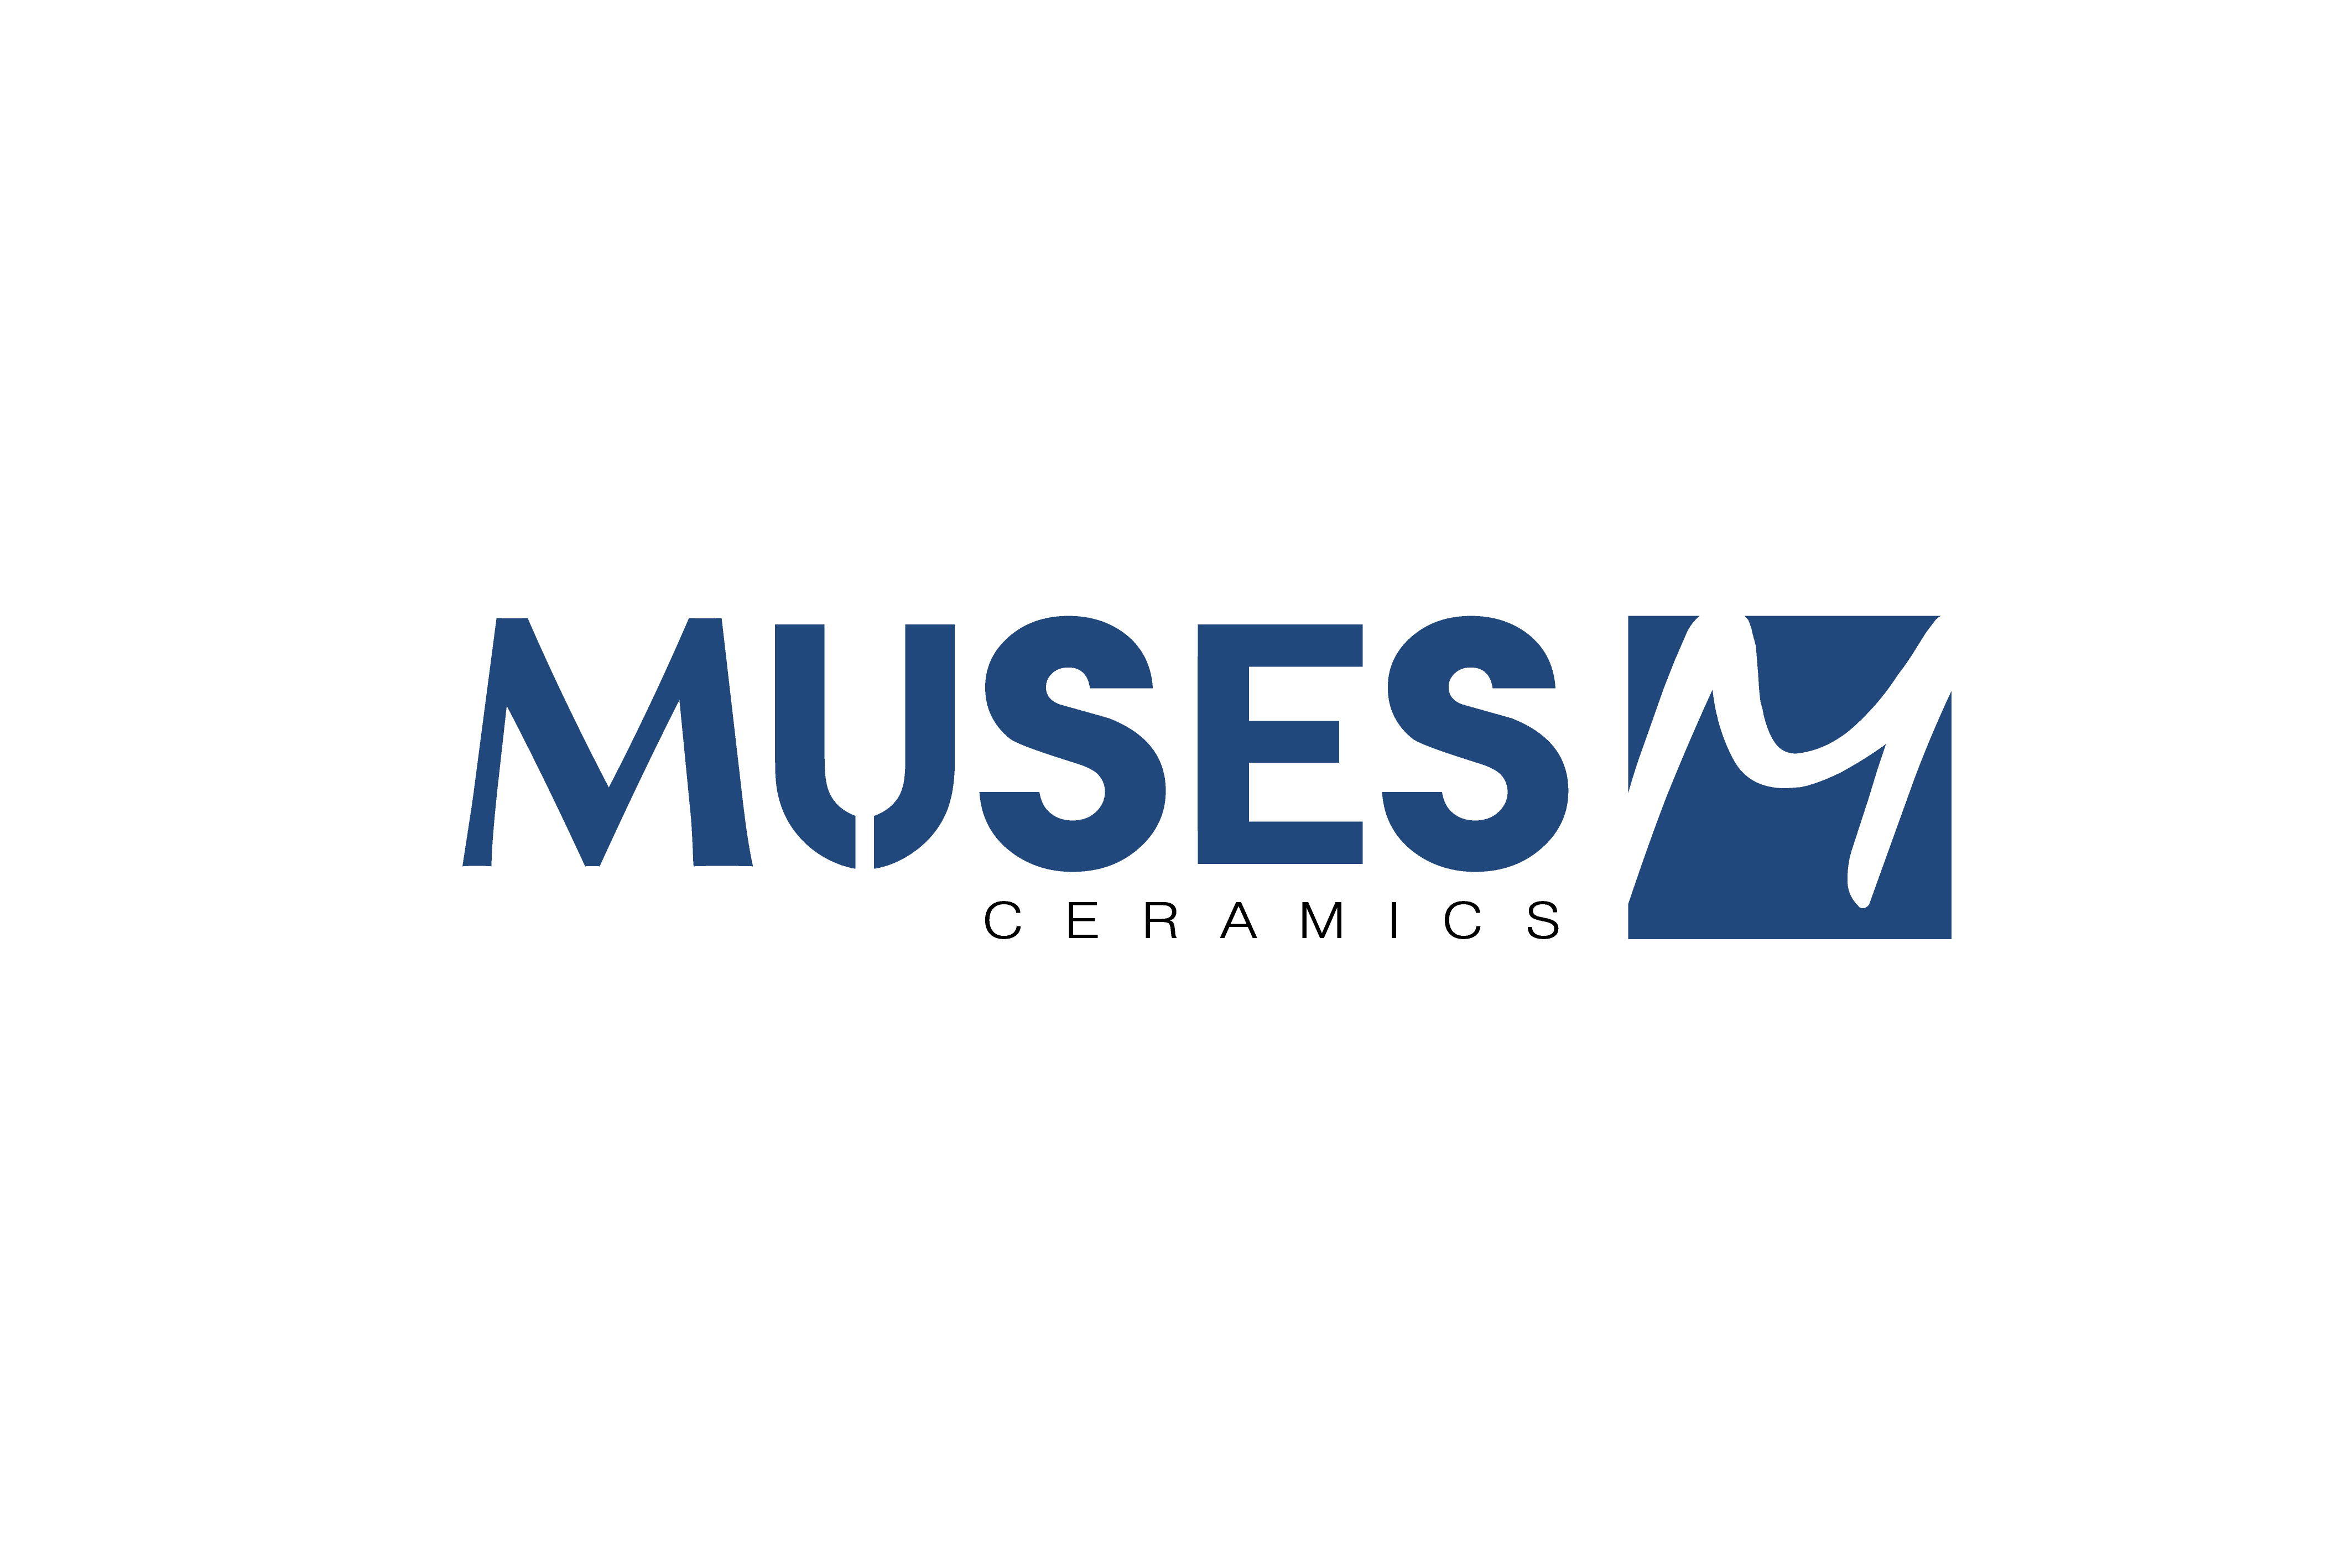 MUSES CERAMICS